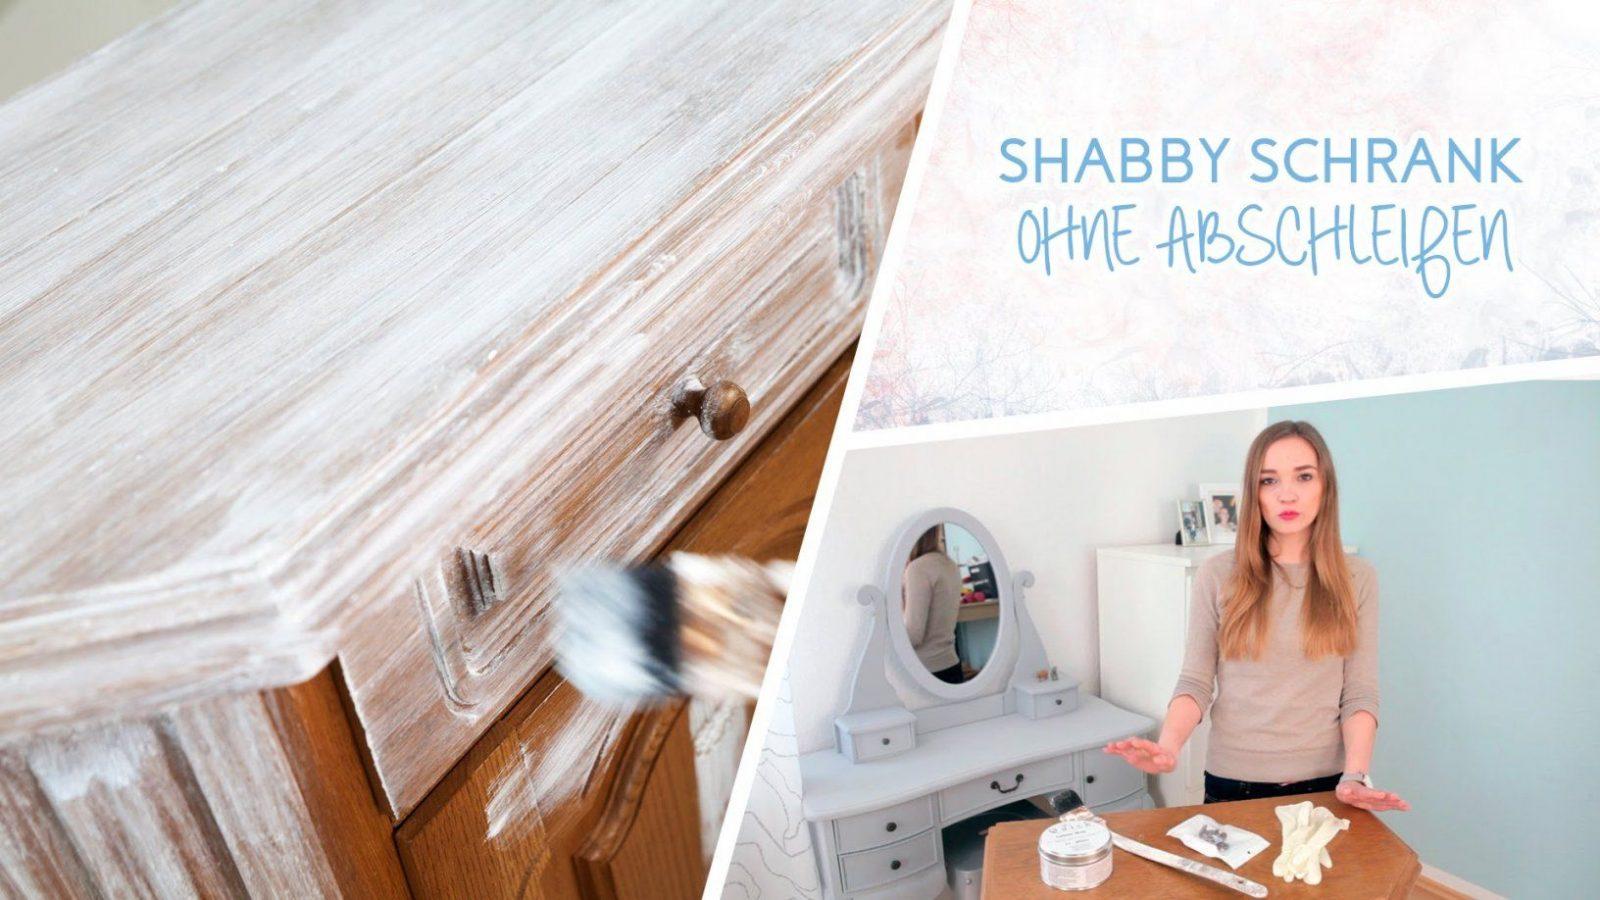 How To Schrank Im Shabby Chic Stil Streichen Ohne Abscheifen  Youtube von Holz Streichen Ohne Schleifen Bild